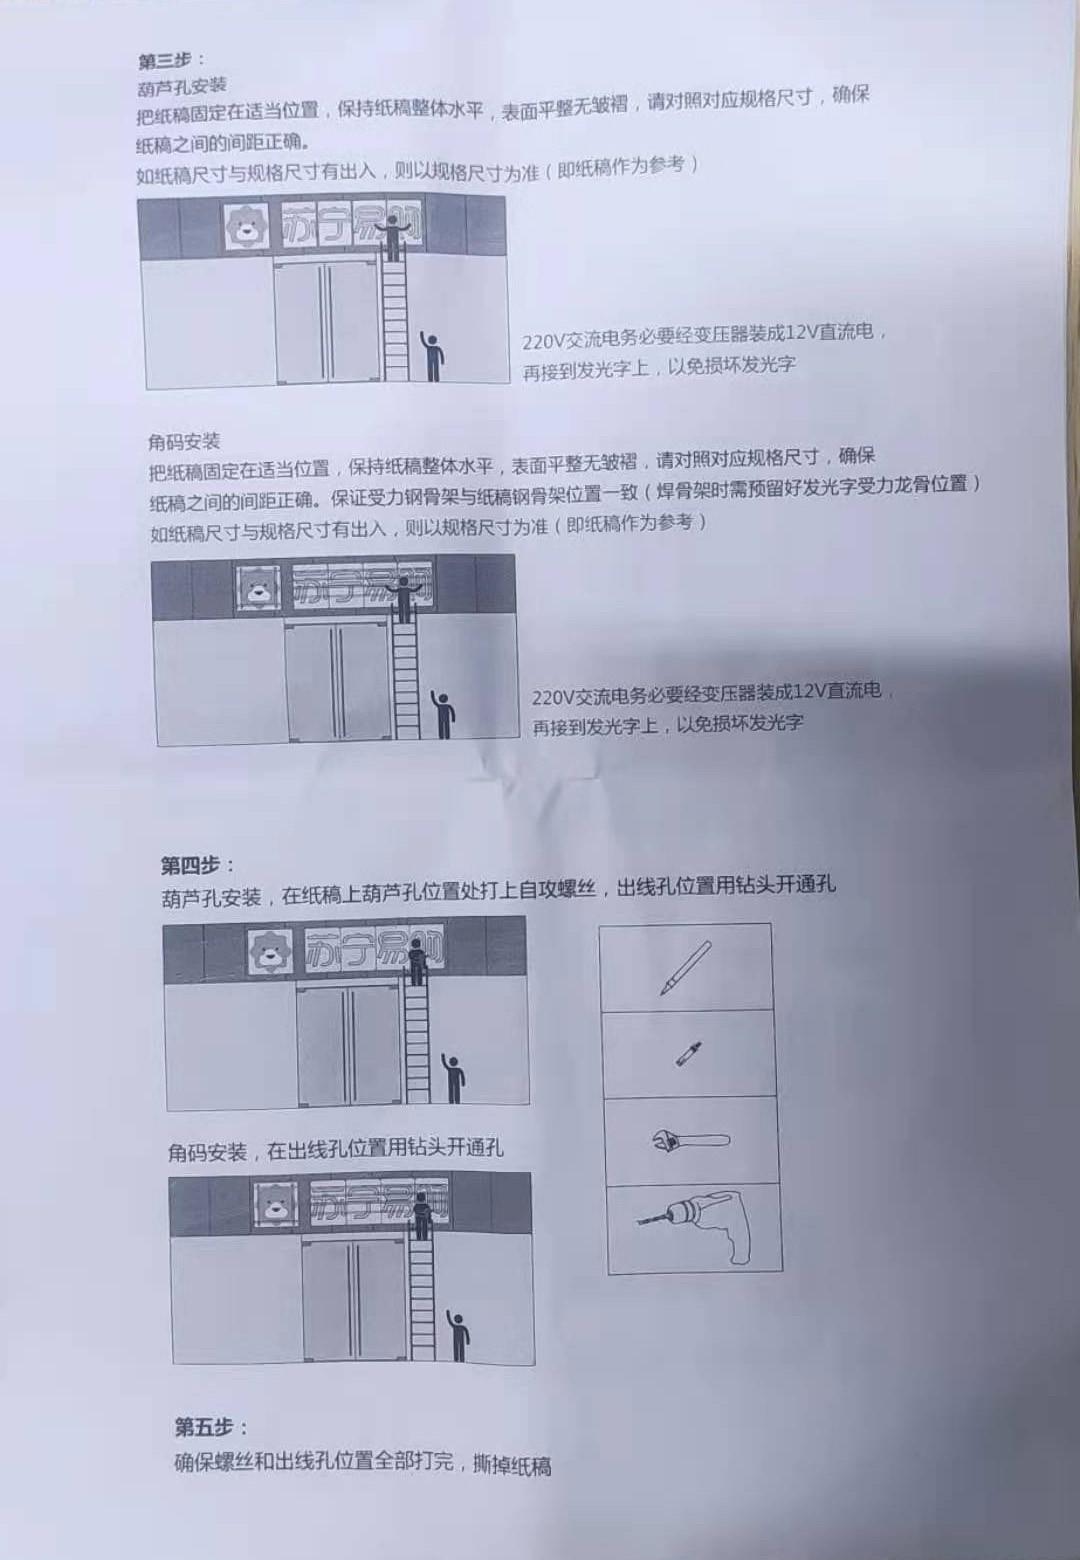 attachments-2020-12-XSC747ga5fd21e6dce1a1.jpg